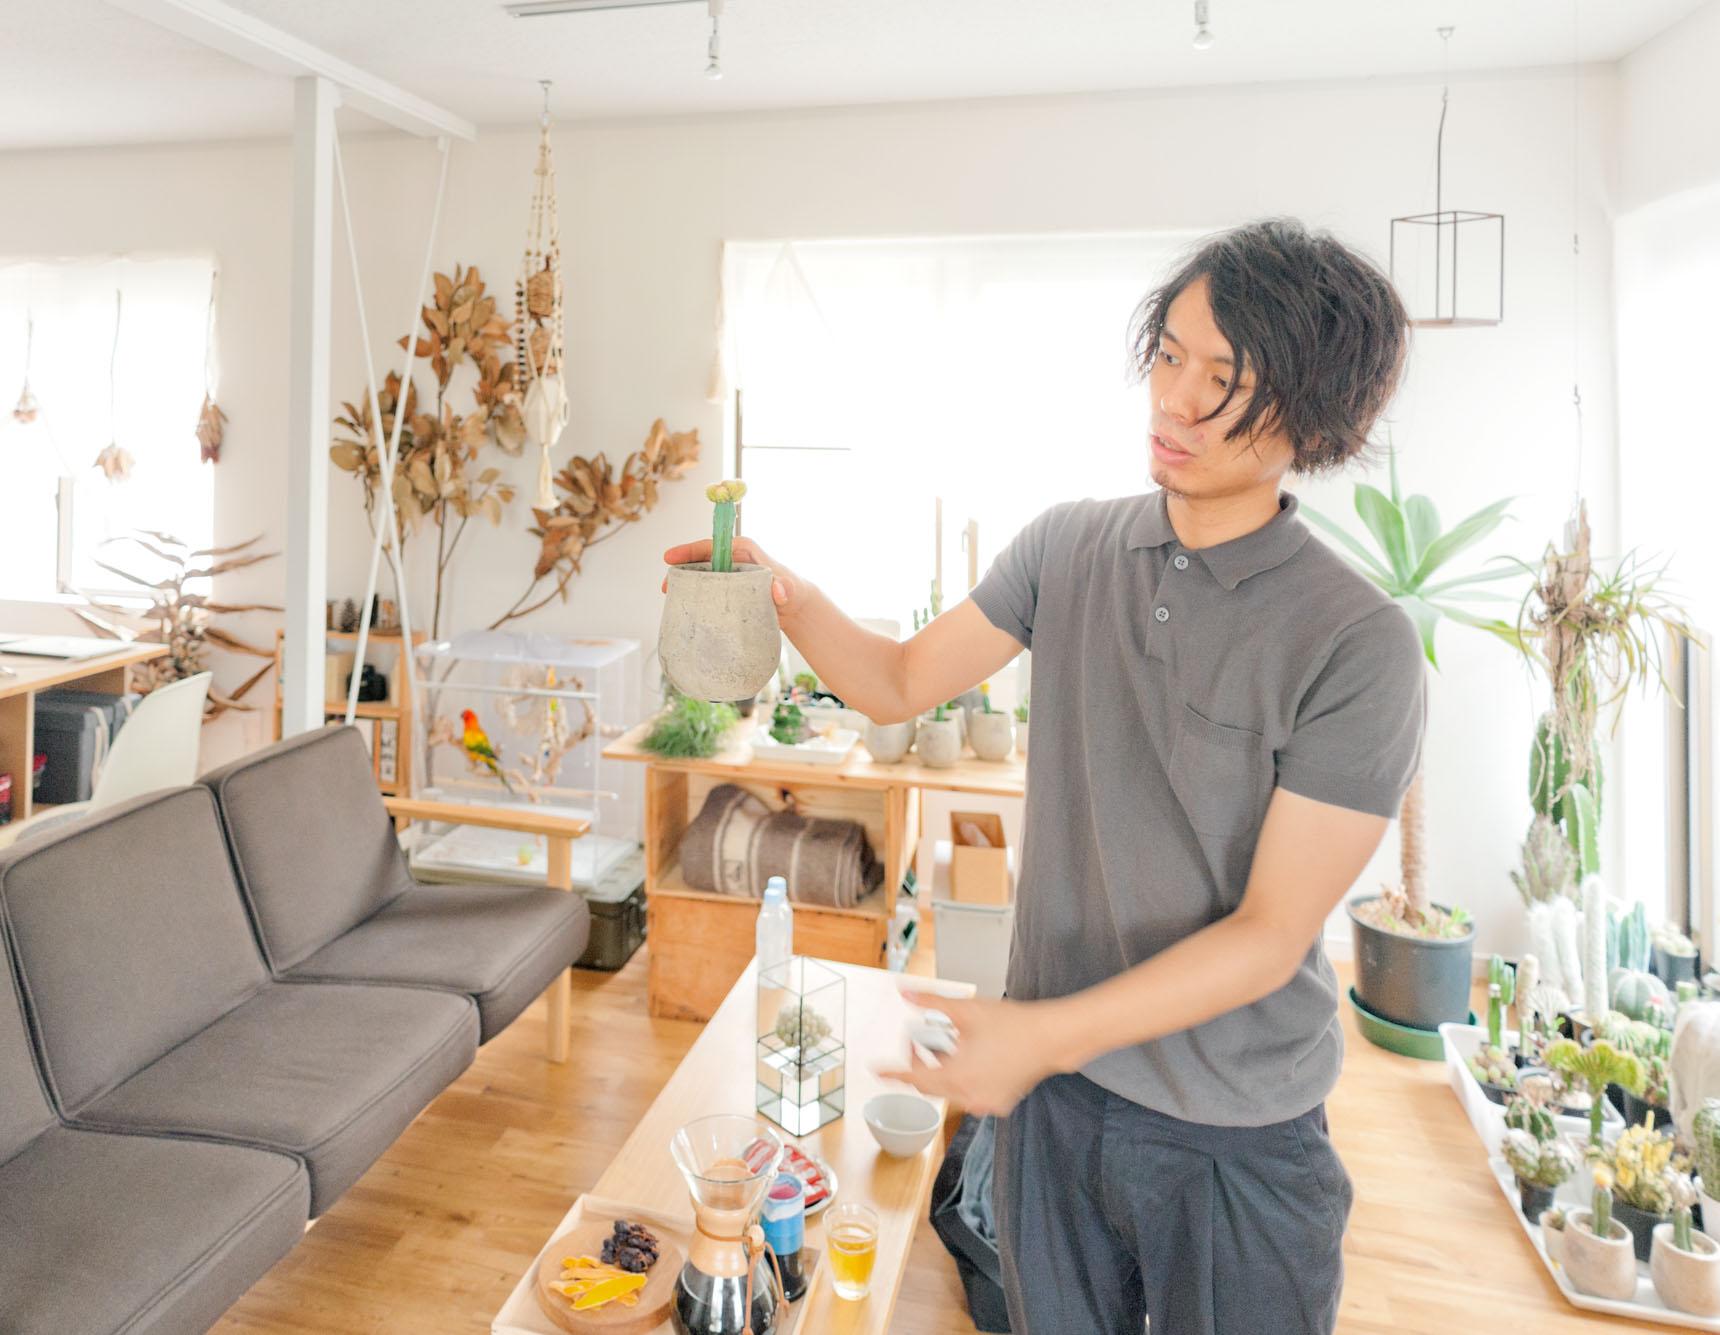 「この人」たちの説明をしてくれたAtsushiさん。男前だ!部屋も素敵で美男子ってずるい。どっちかぼくによこせ。